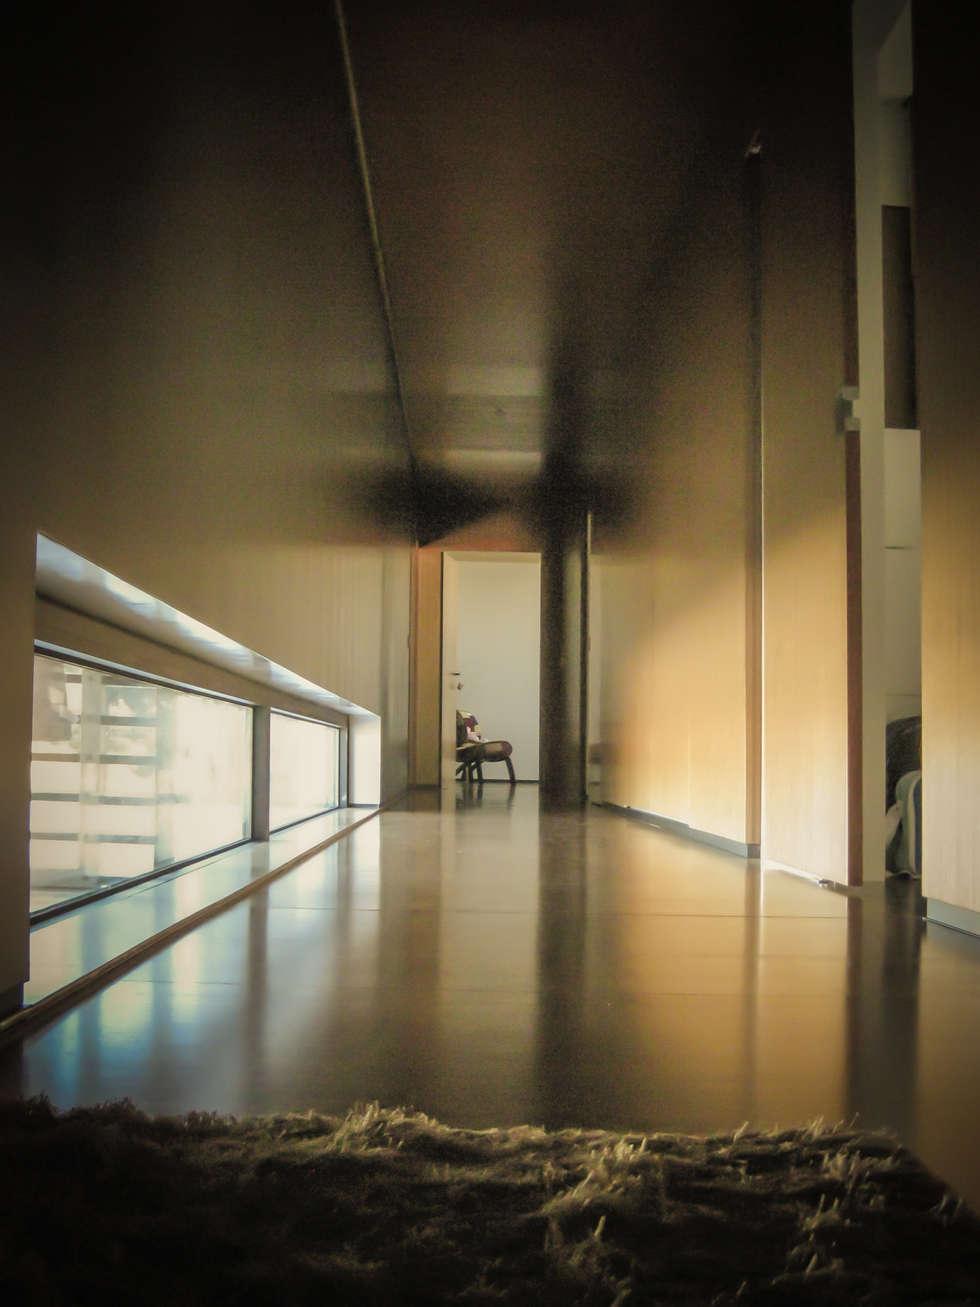 Habitação - Trancoso 15: Corredores e halls de entrada  por ARKIVO